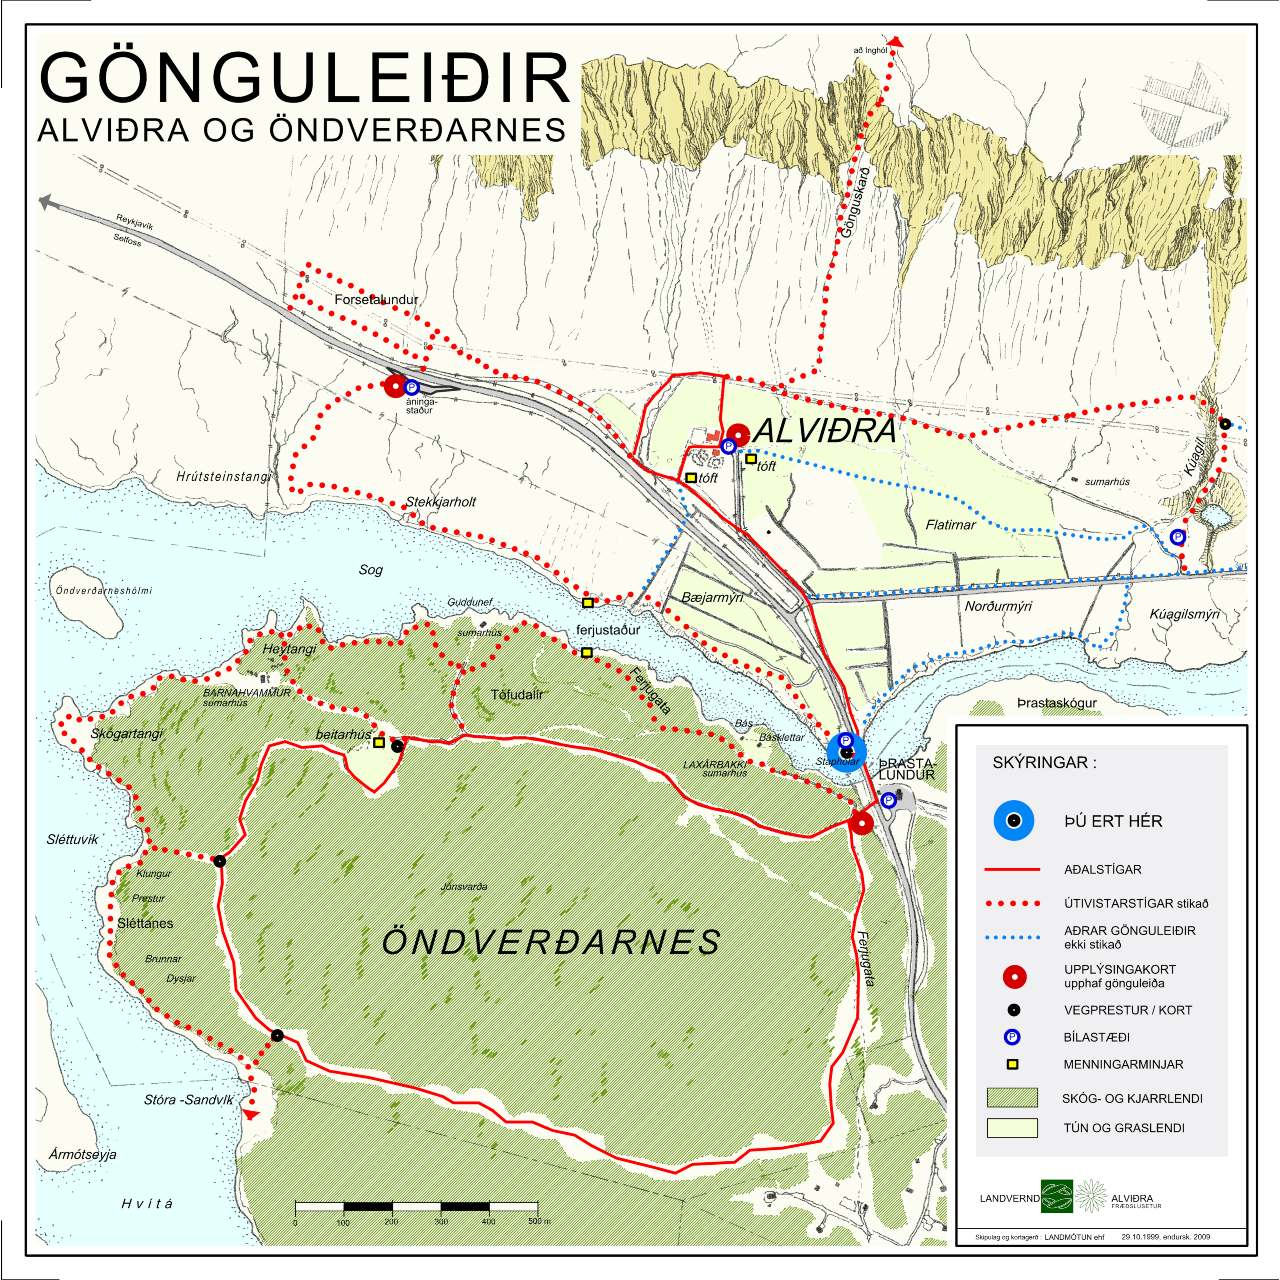 Göngukort, kort yfir gönguleiðir í Alviðru, landvernd.is